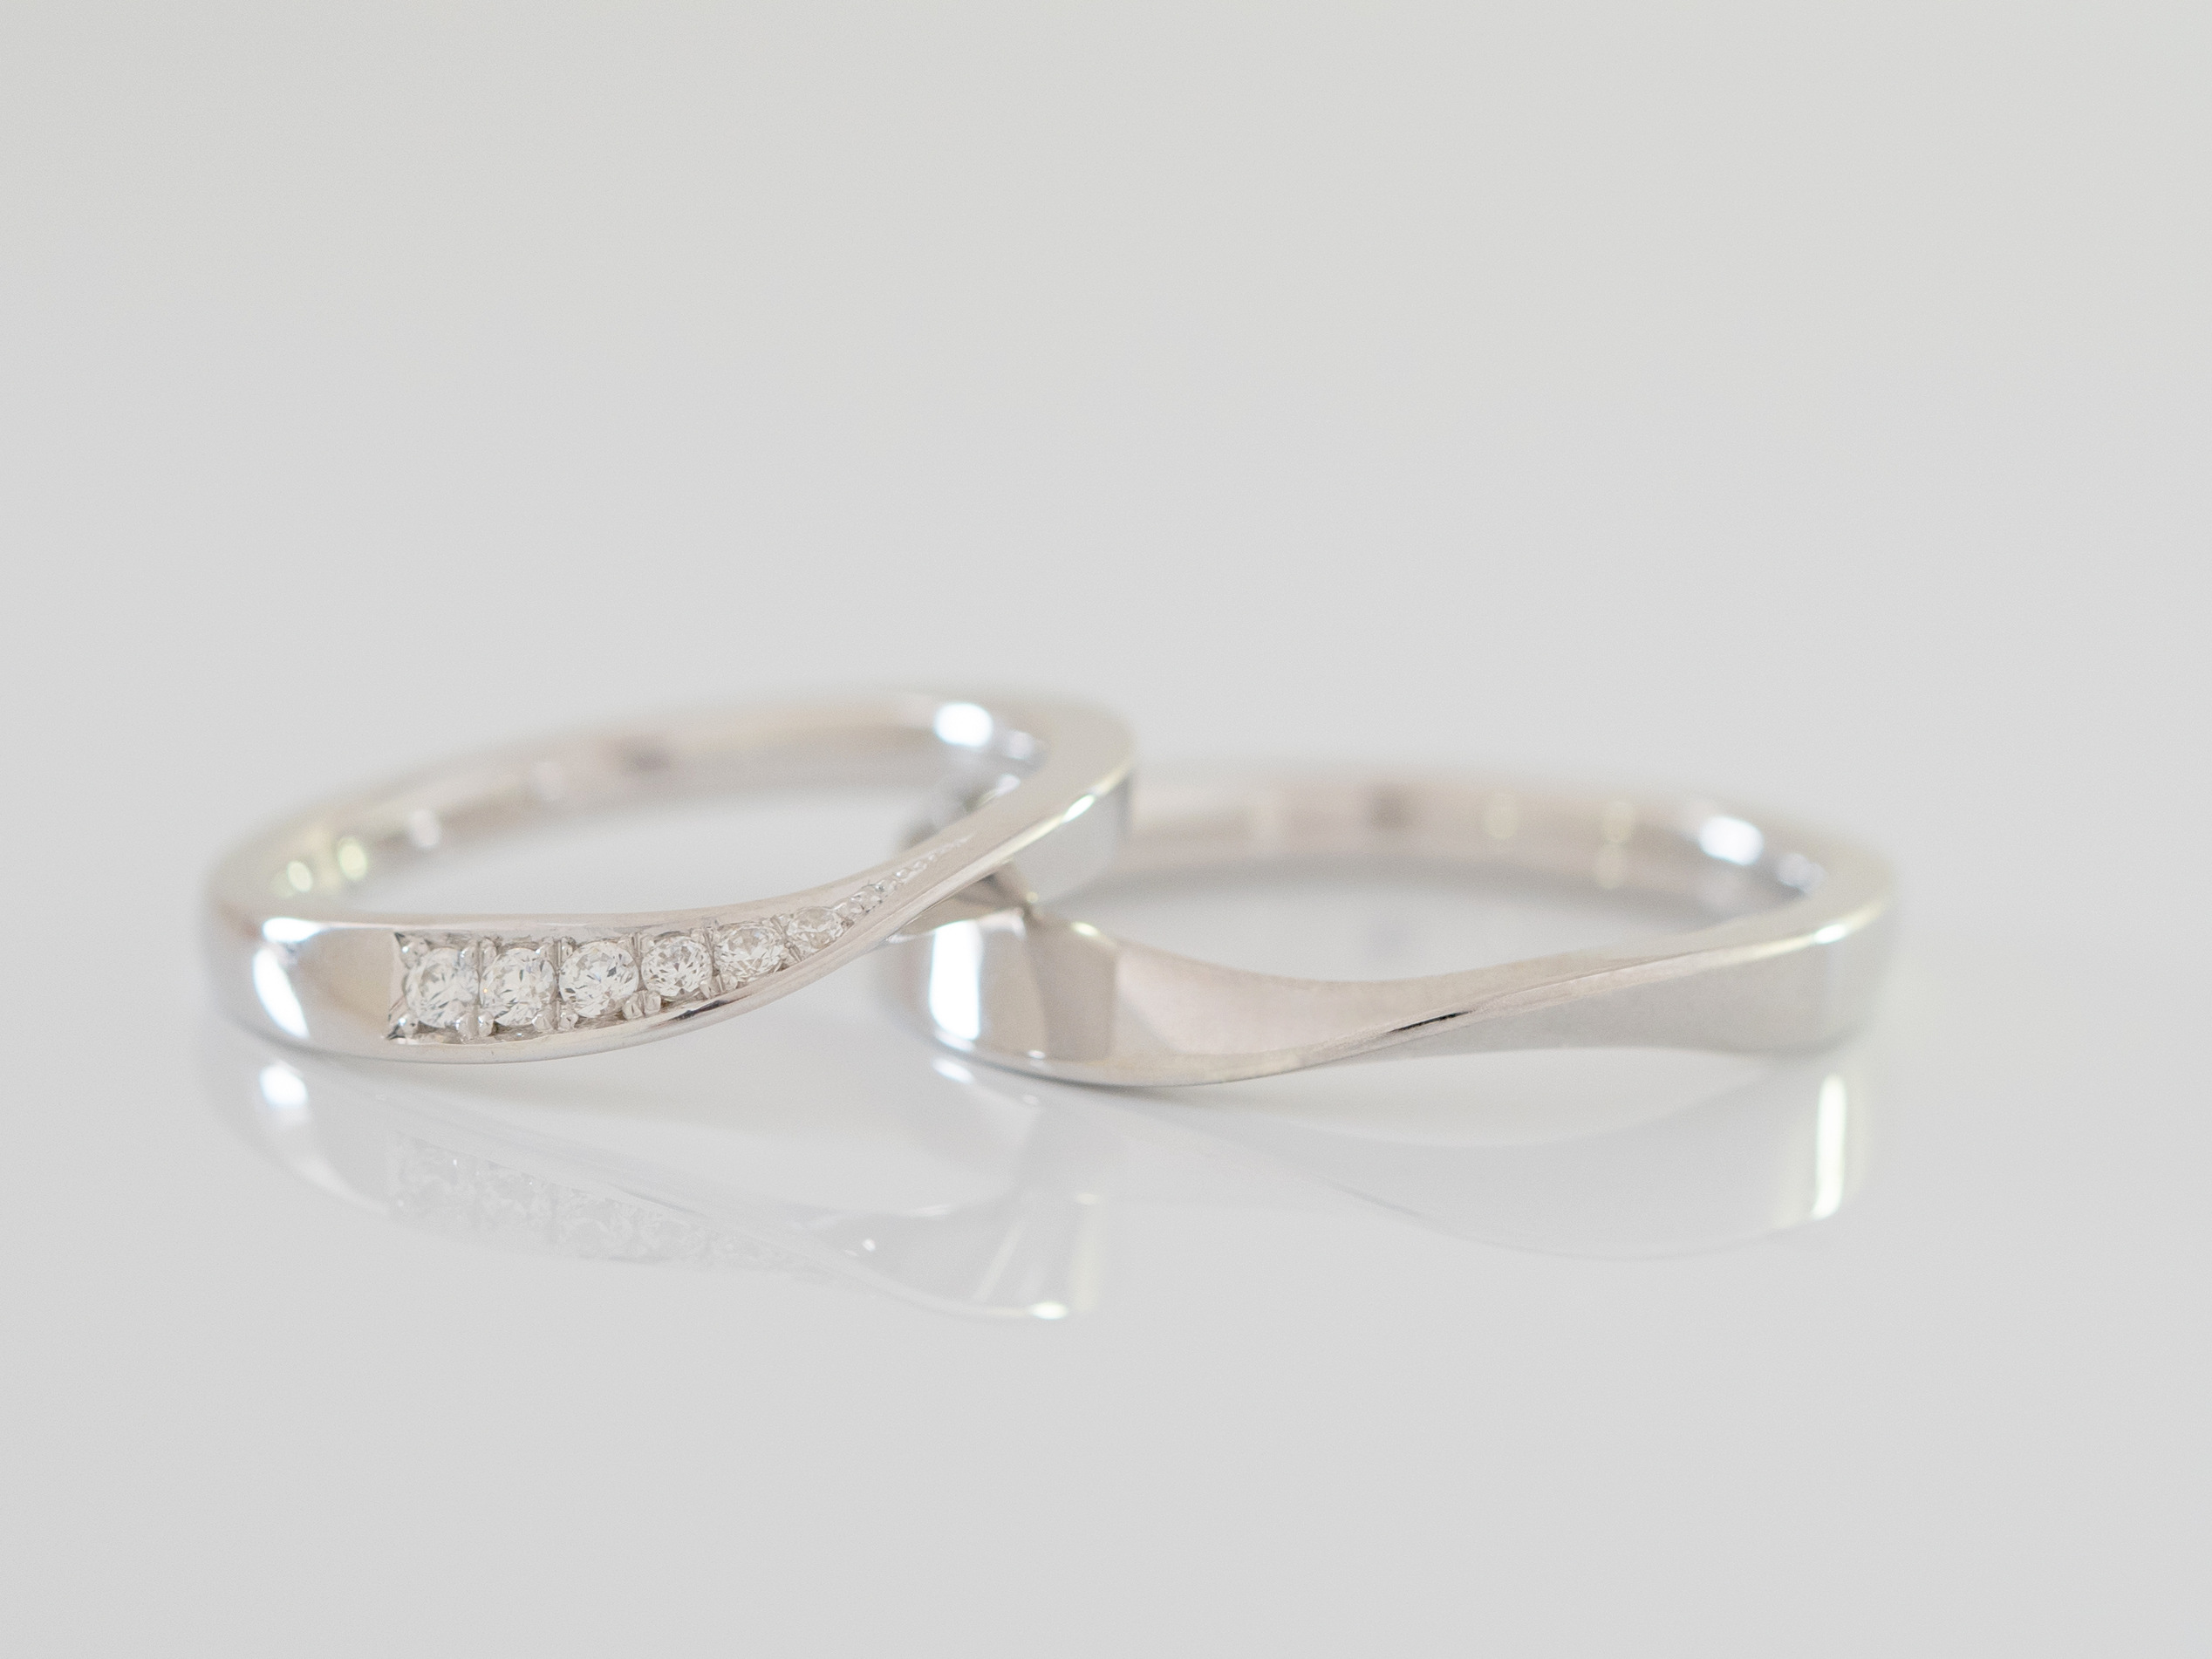 プラチナの結婚指輪について...